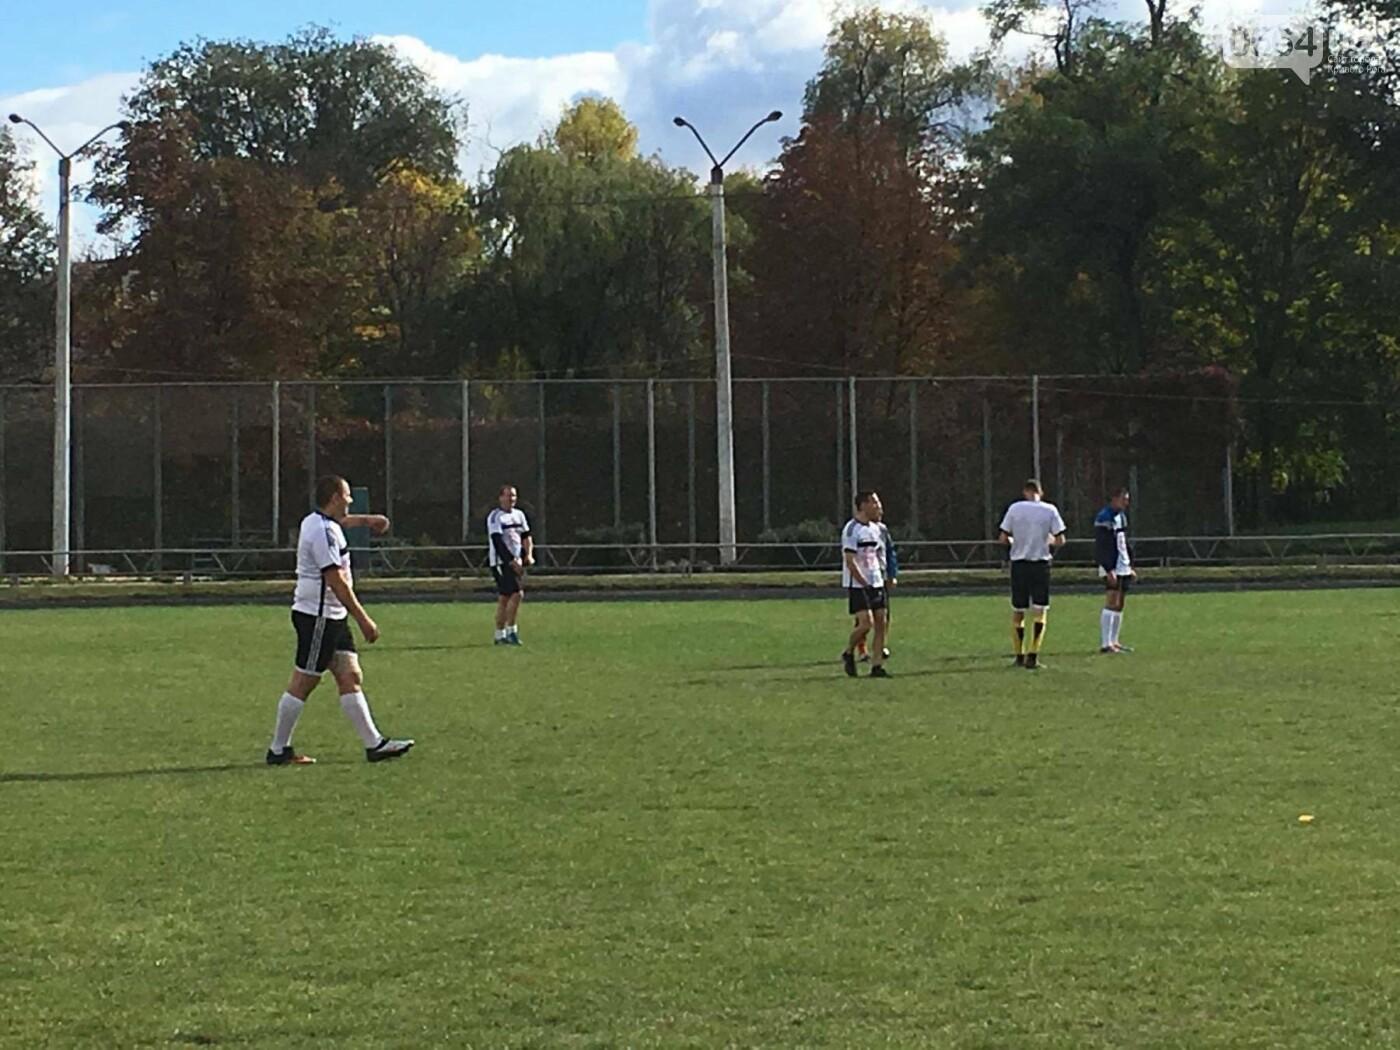 Криворожане пришли на футбольный матч чтобы поддержать бойцов АТО (ФОТО, ВИДЕО), фото-3